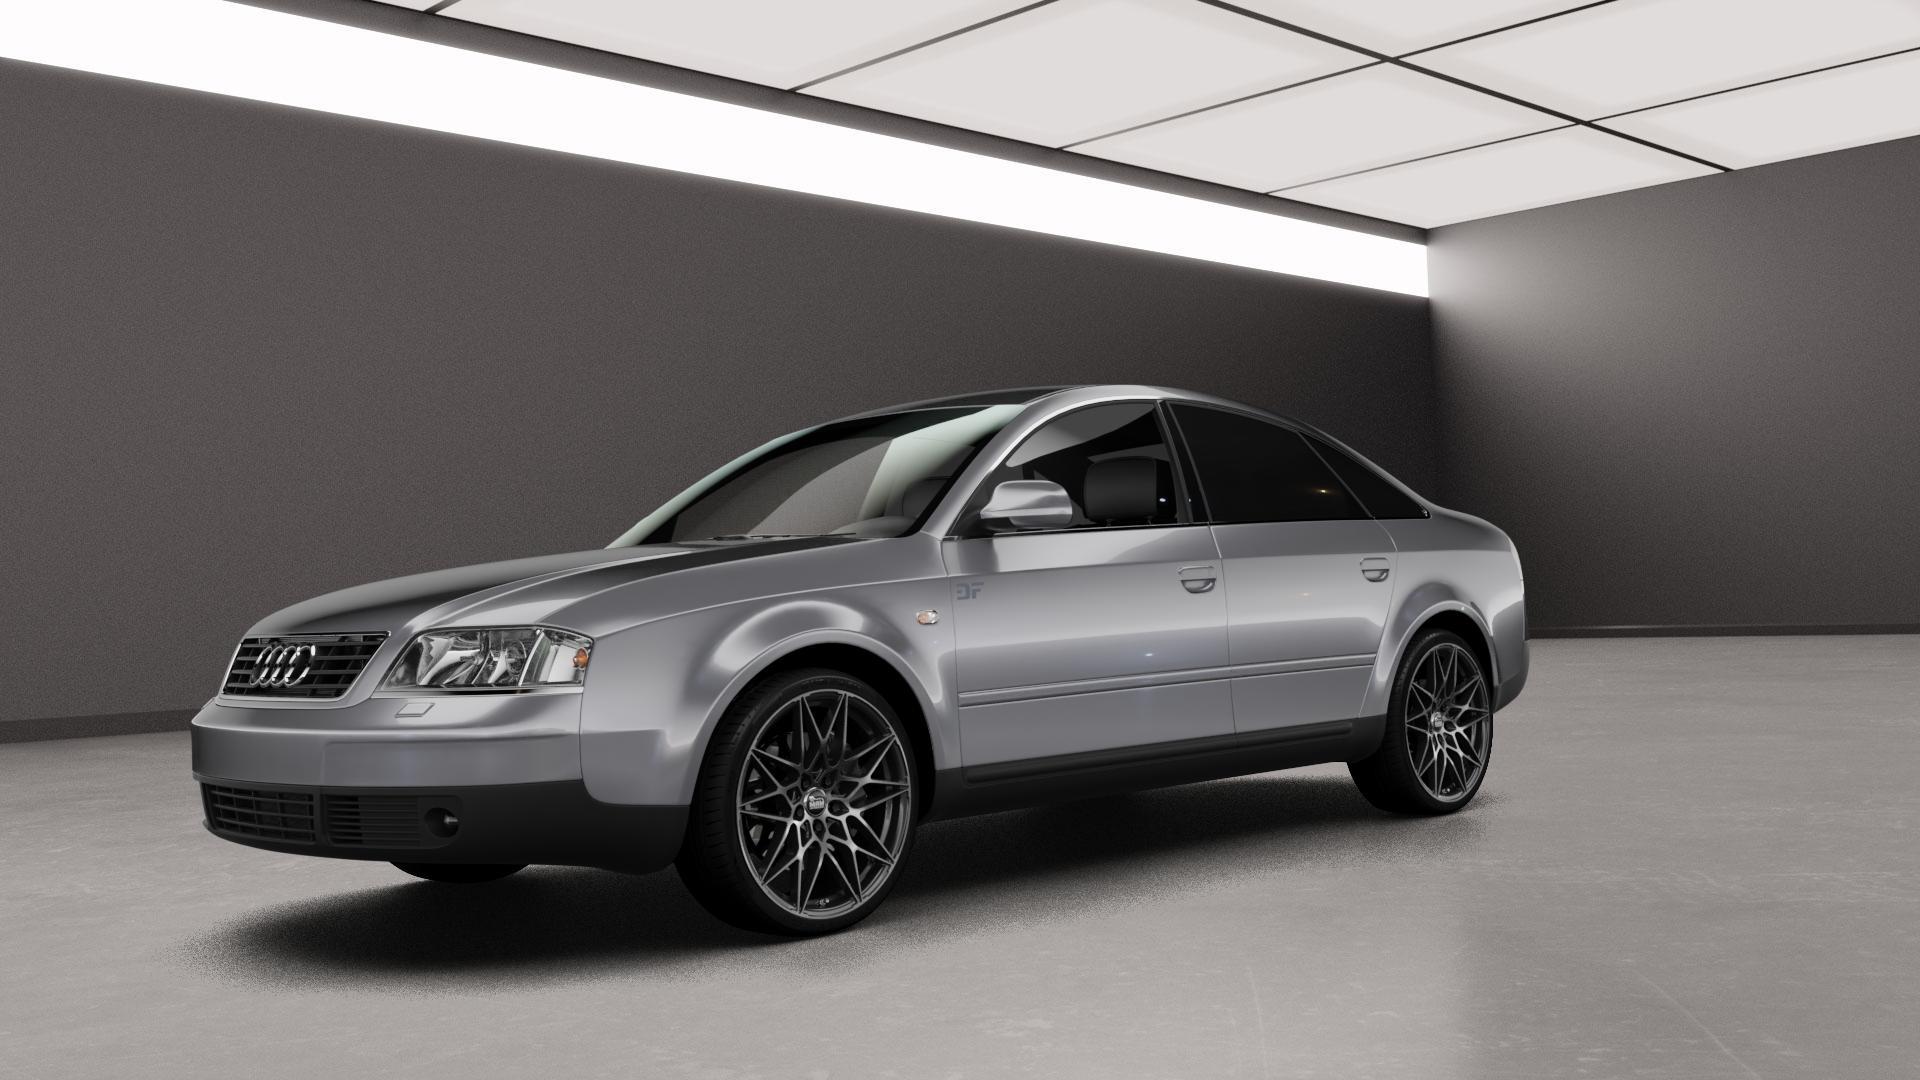 MAM B2 BLACK FRONT POLISH Felge mit Reifen schwarz in 19Zoll Alufelge auf silbernem Audi A6 Typ 4B/C5 (Limousine) ⬇️ mit 15mm Tieferlegung ⬇️ Neutral_mid_max5300mm Frontansicht_1